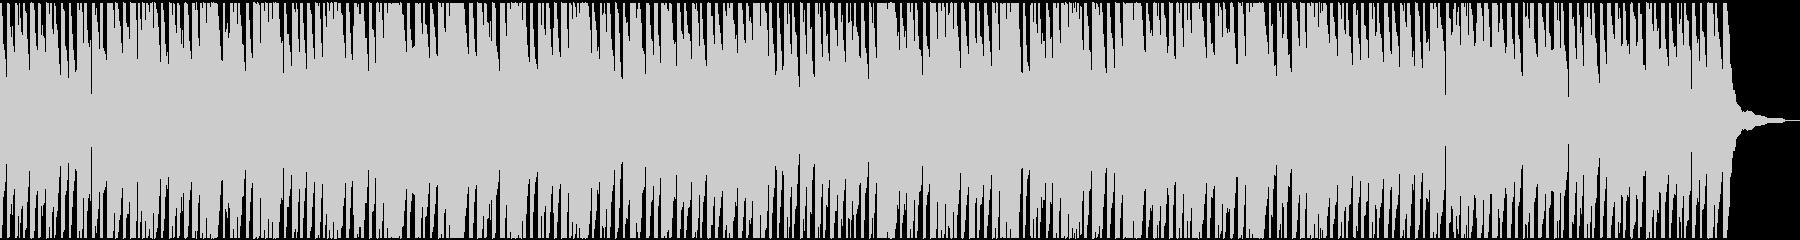 リラックス・癒しの落ち着いたアコギBGMの未再生の波形